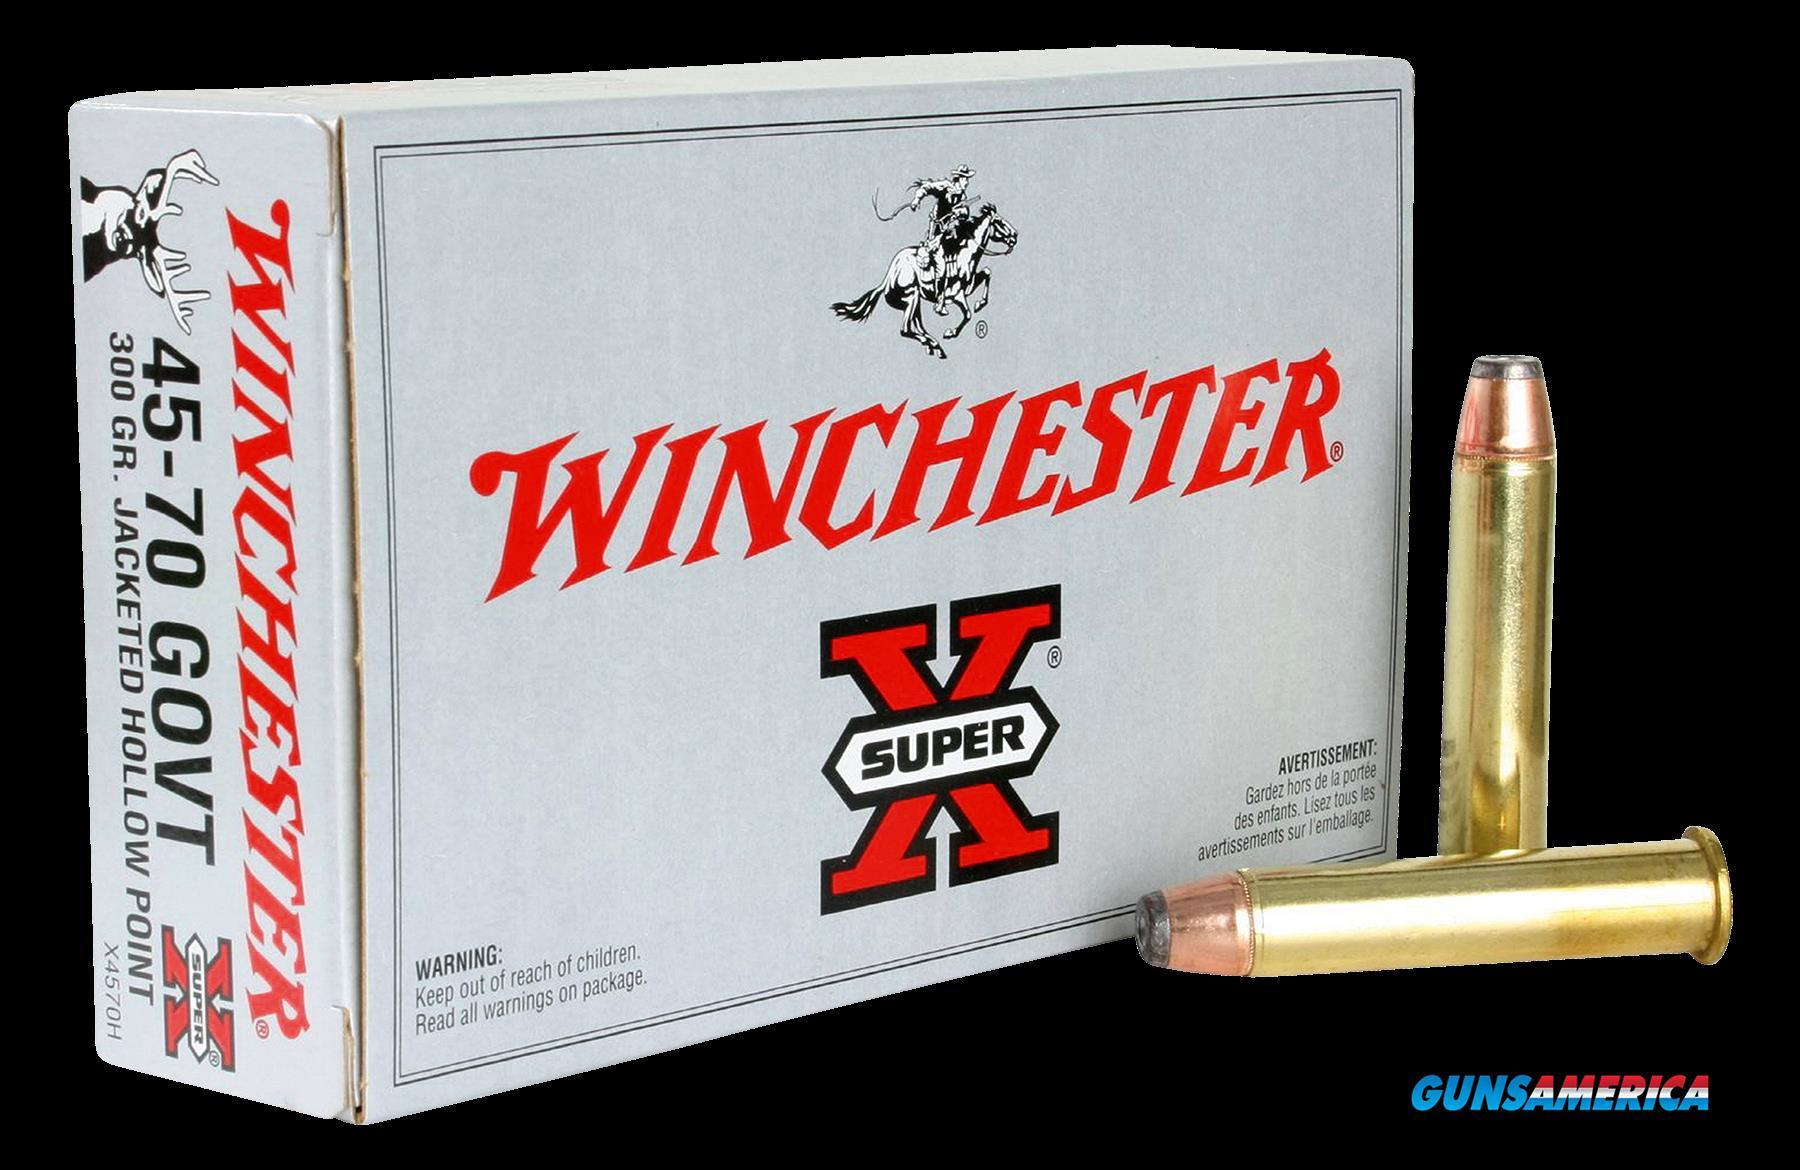 Winchester Ammo Super-x, Win X4570h        4570   300jhp  20-10  Guns > Pistols > 1911 Pistol Copies (non-Colt)